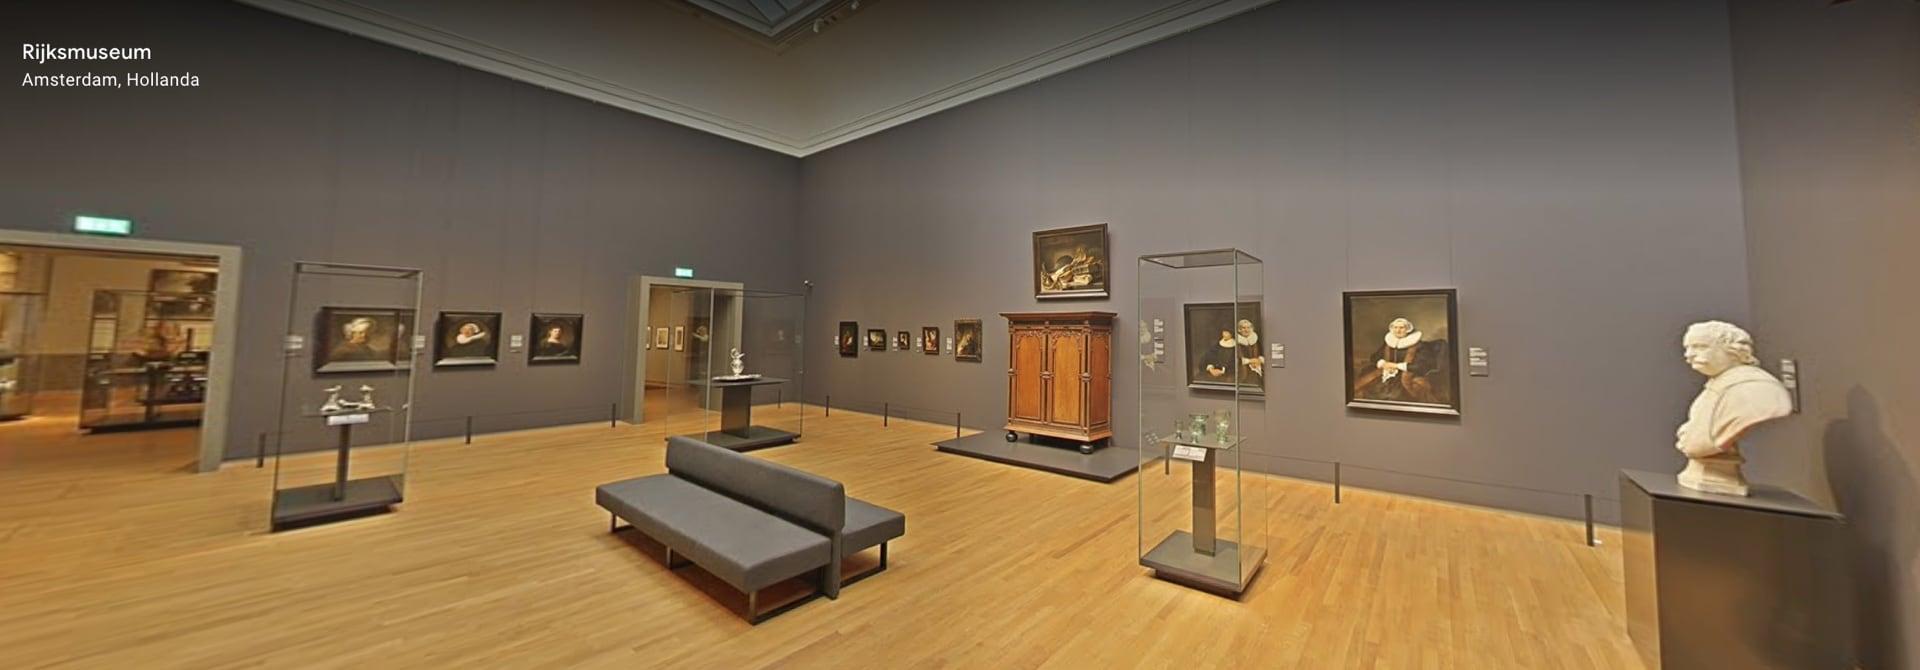 Rijksmuseum, Giriş katı sergi alanı, Google Arts & Culture ekran görüntüsü